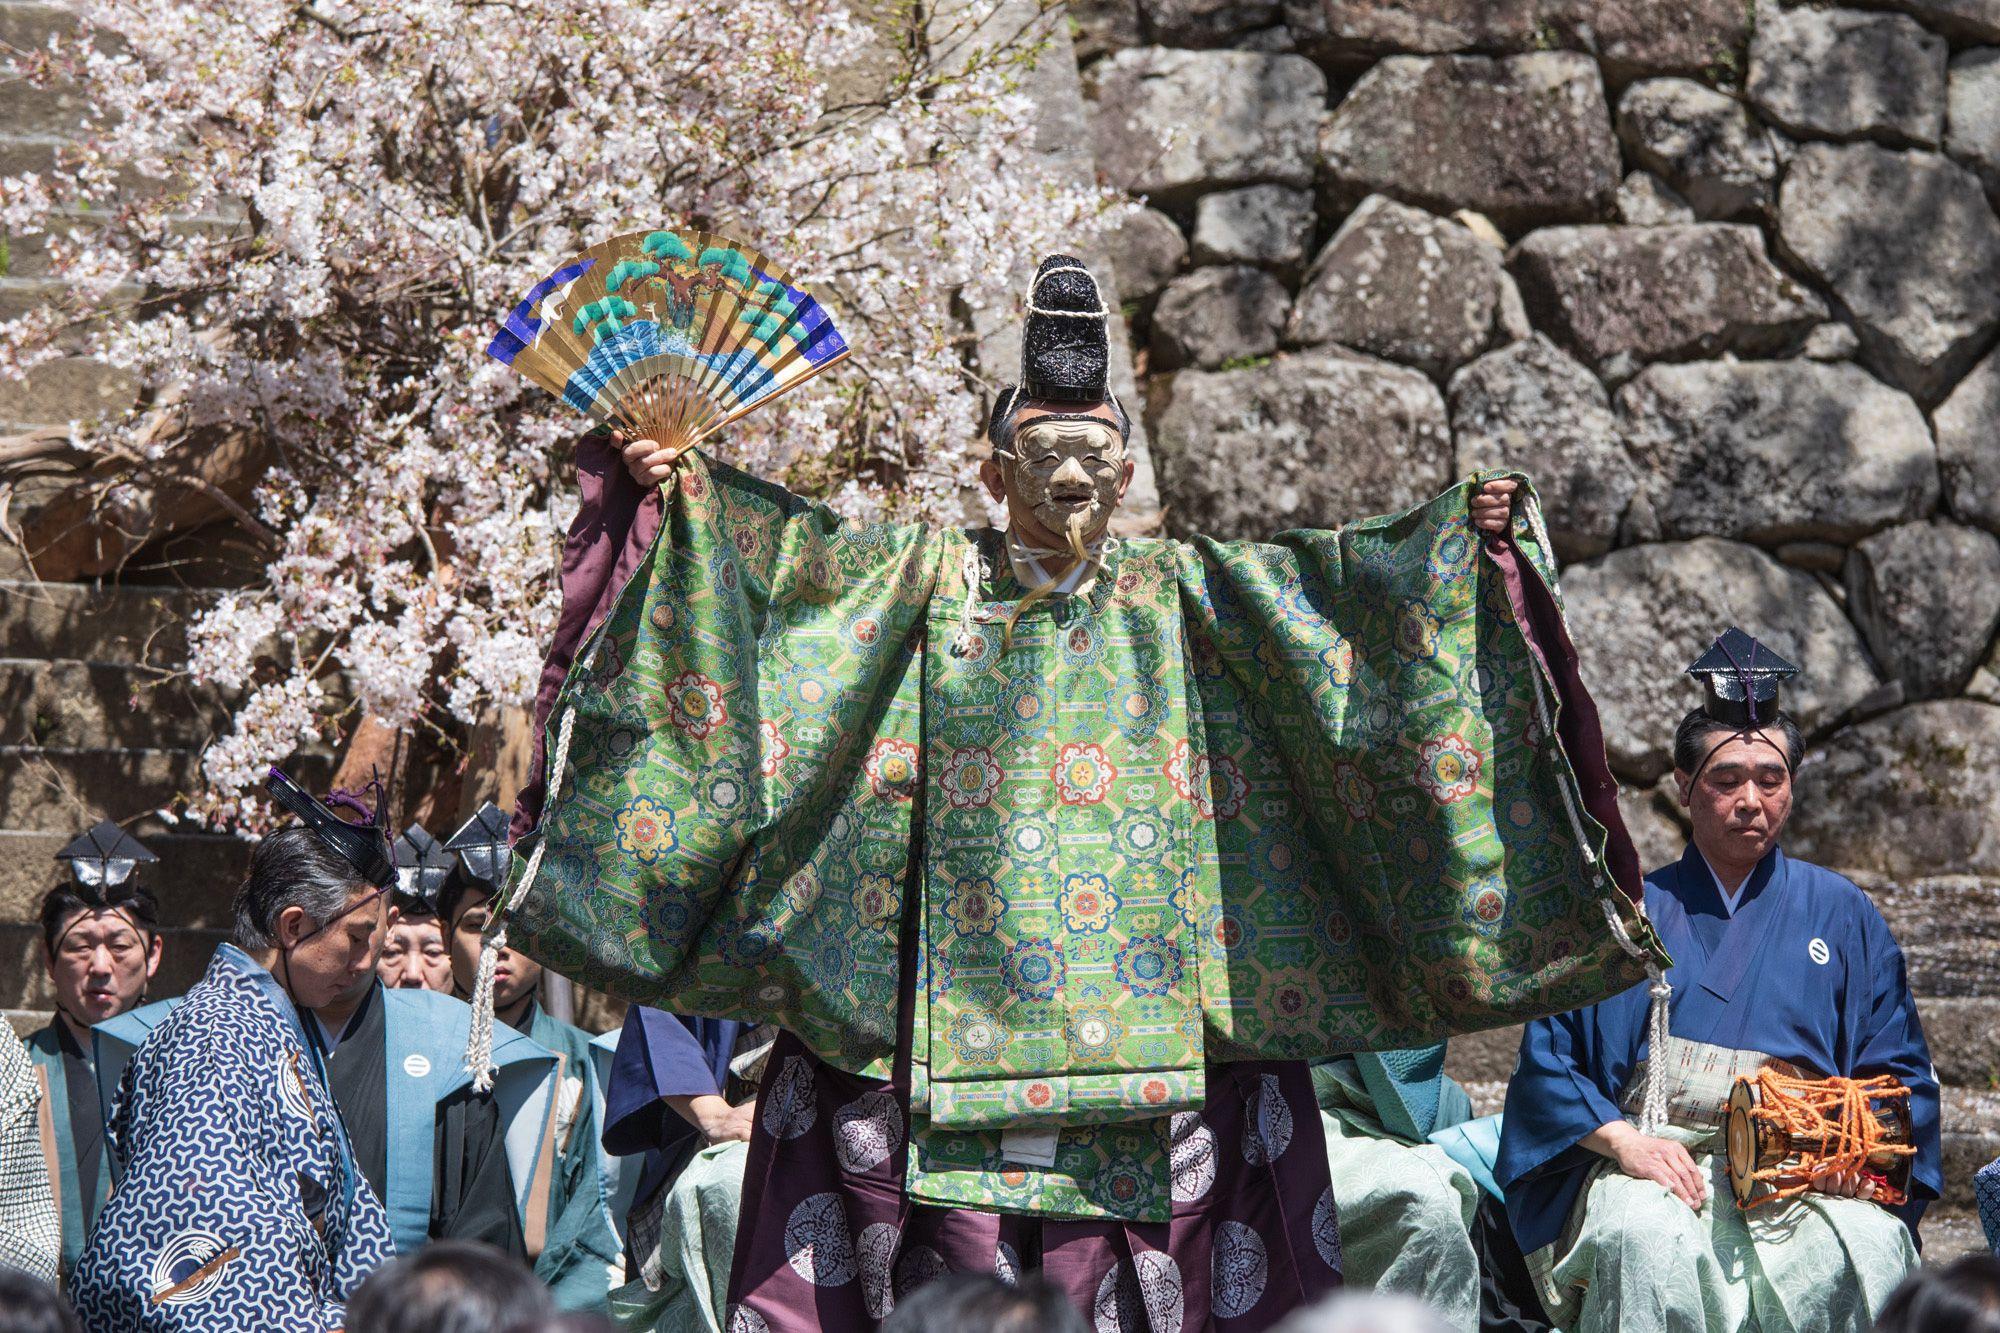 二十六世観世宗家による「翁」の本面(オリジナル)をかけて演じられた舞台。面は宗家に伝わる弥勒の作。弥勒は「十作」と呼ばれる、傑出した面の作者の一人だ。